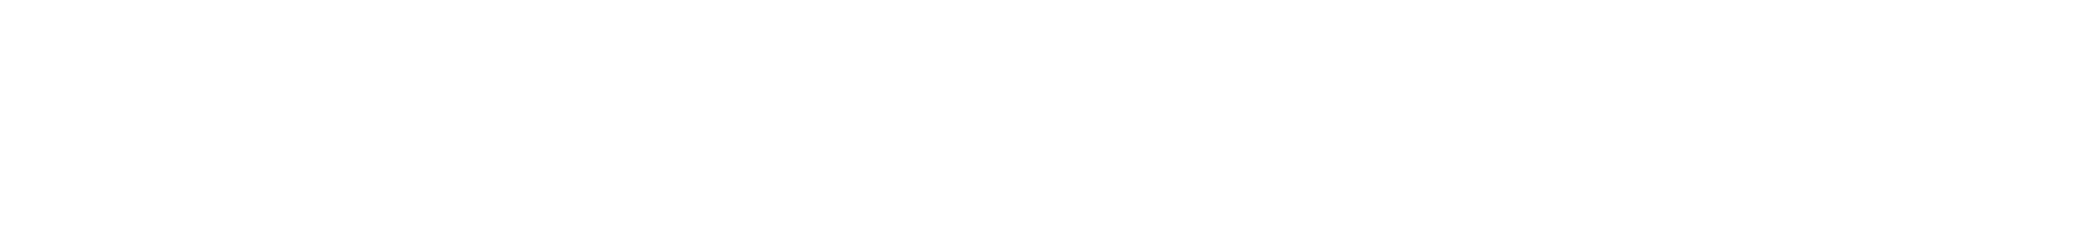 Rogue Rocket Test